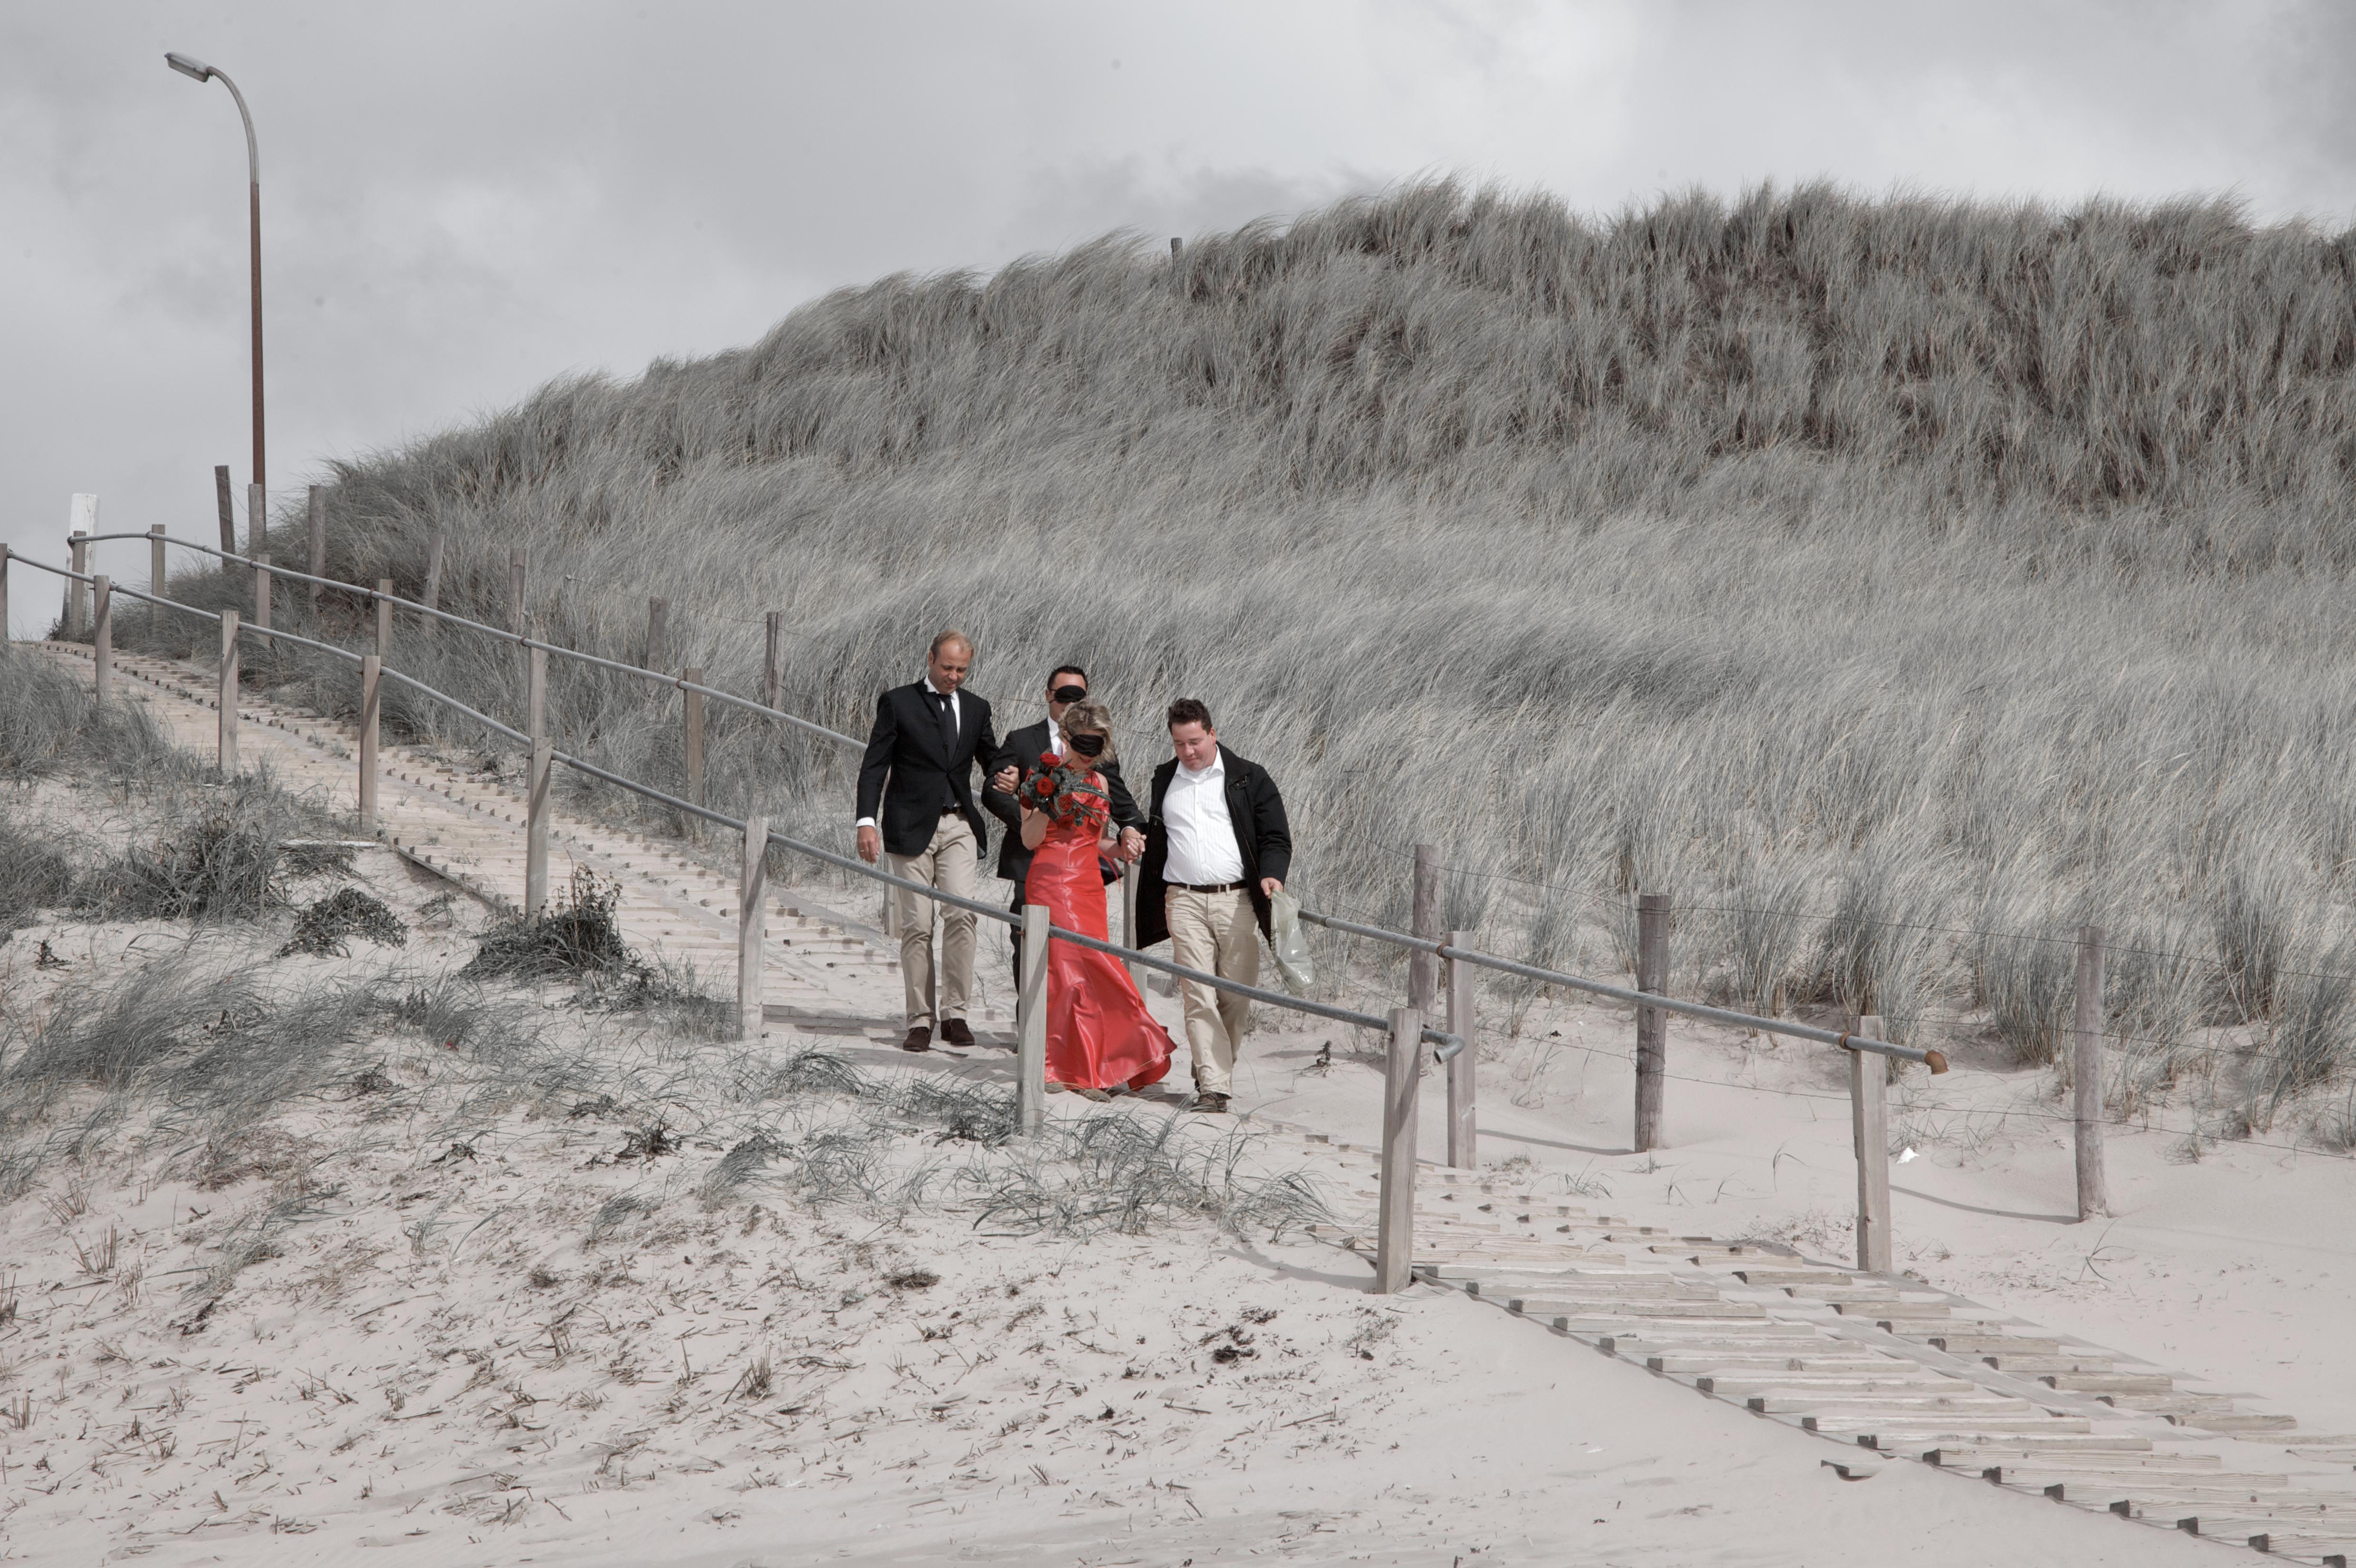 trouwreportage met verrassing op het strand in rode trouwjurk